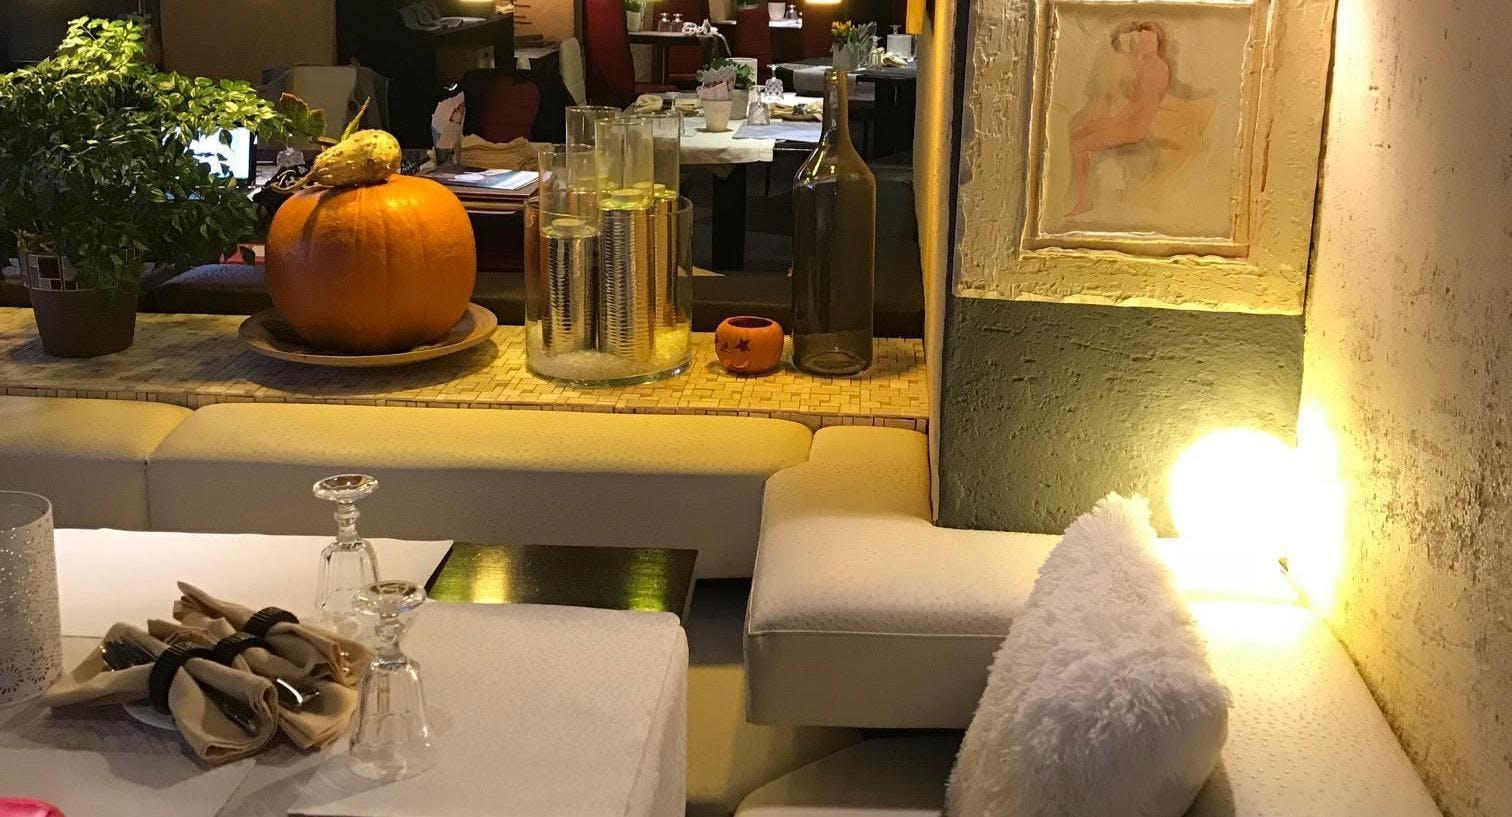 MaXimA Polnisches Bistro & Restaurant Keulen image 3